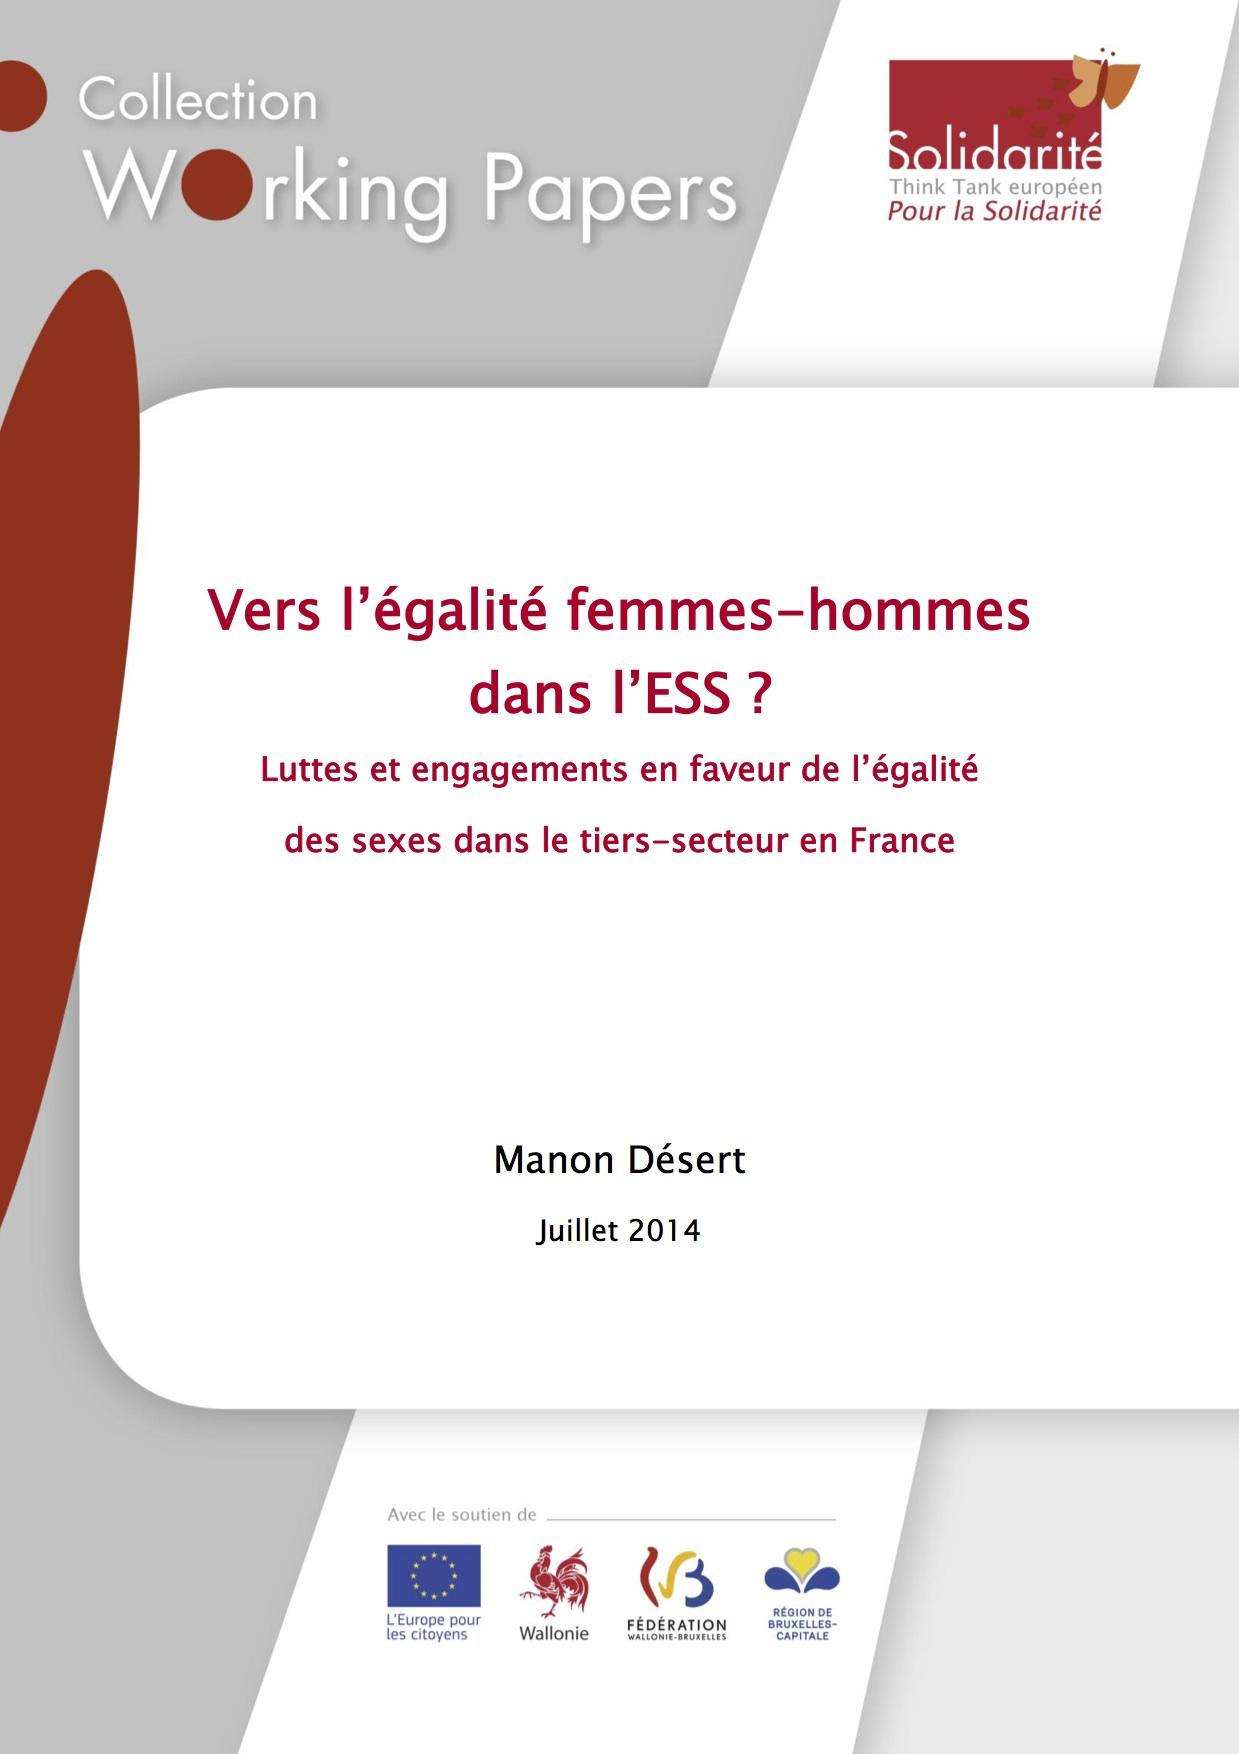 2014_07_Egalite_femmes_hommes_ESS